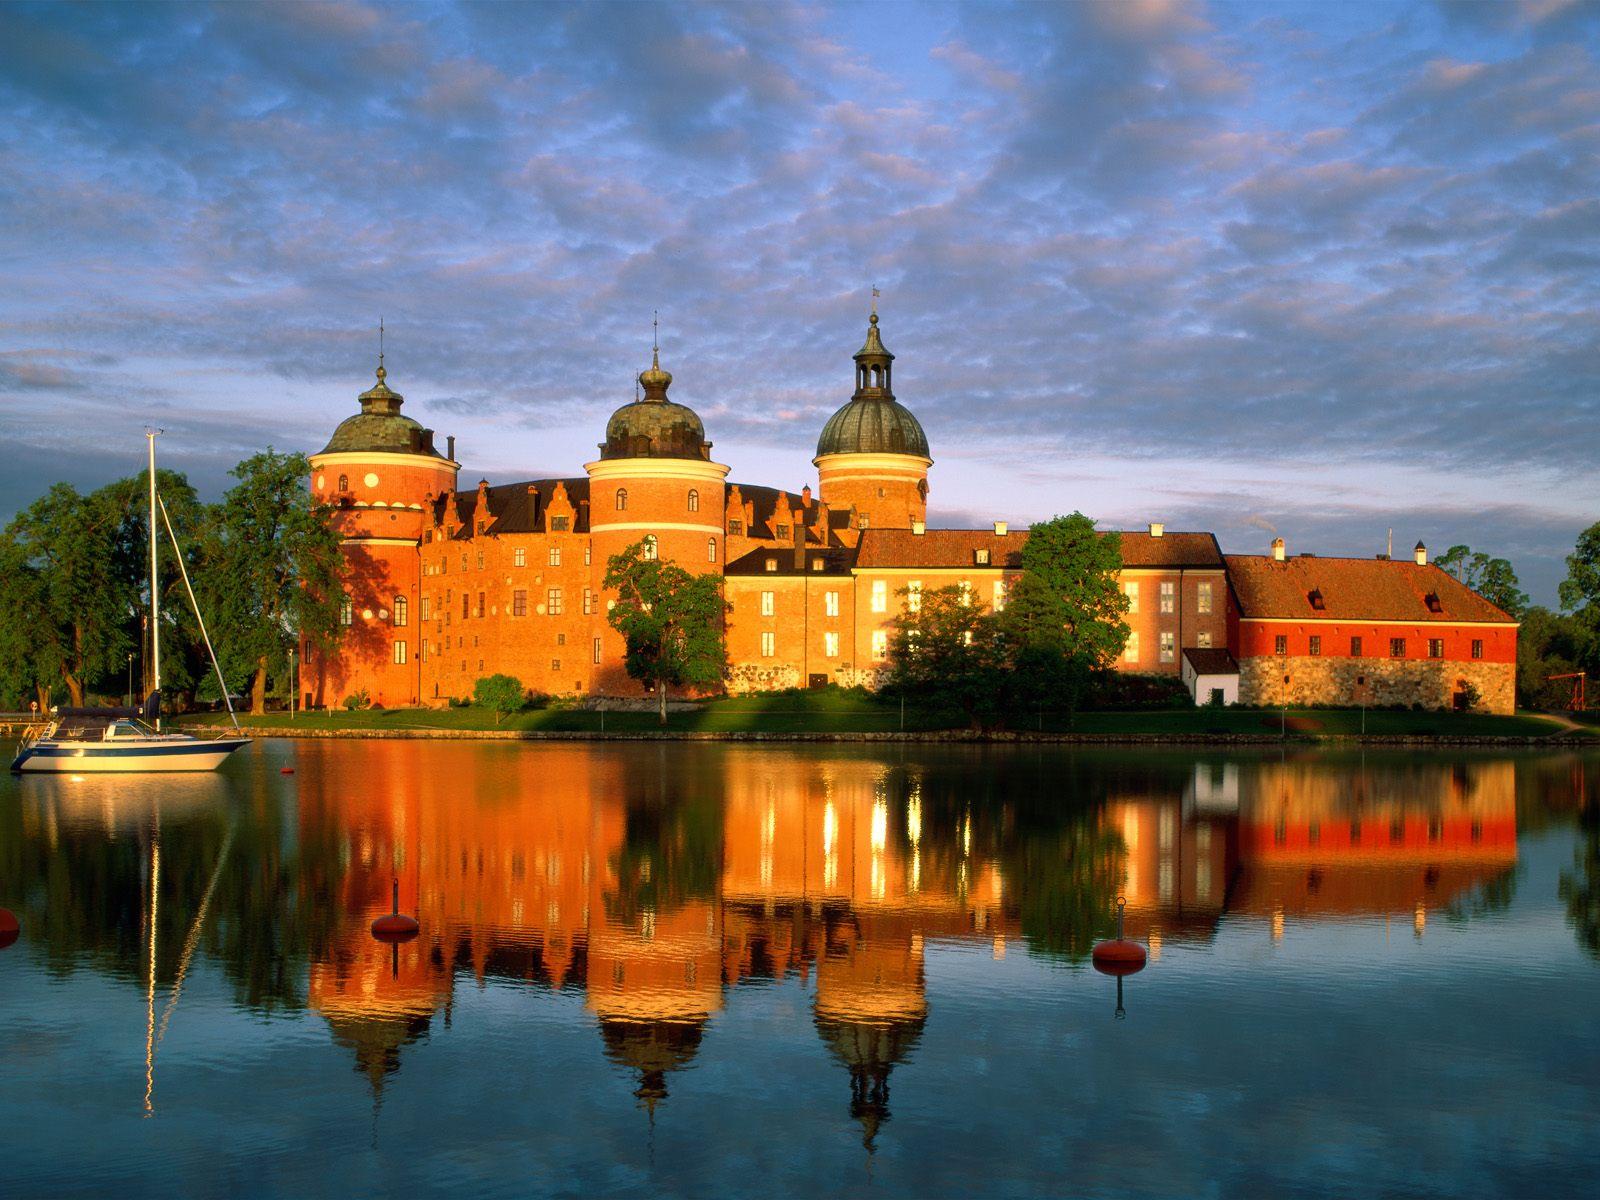 Guida di Stoccolma, bellezza sull'acqua